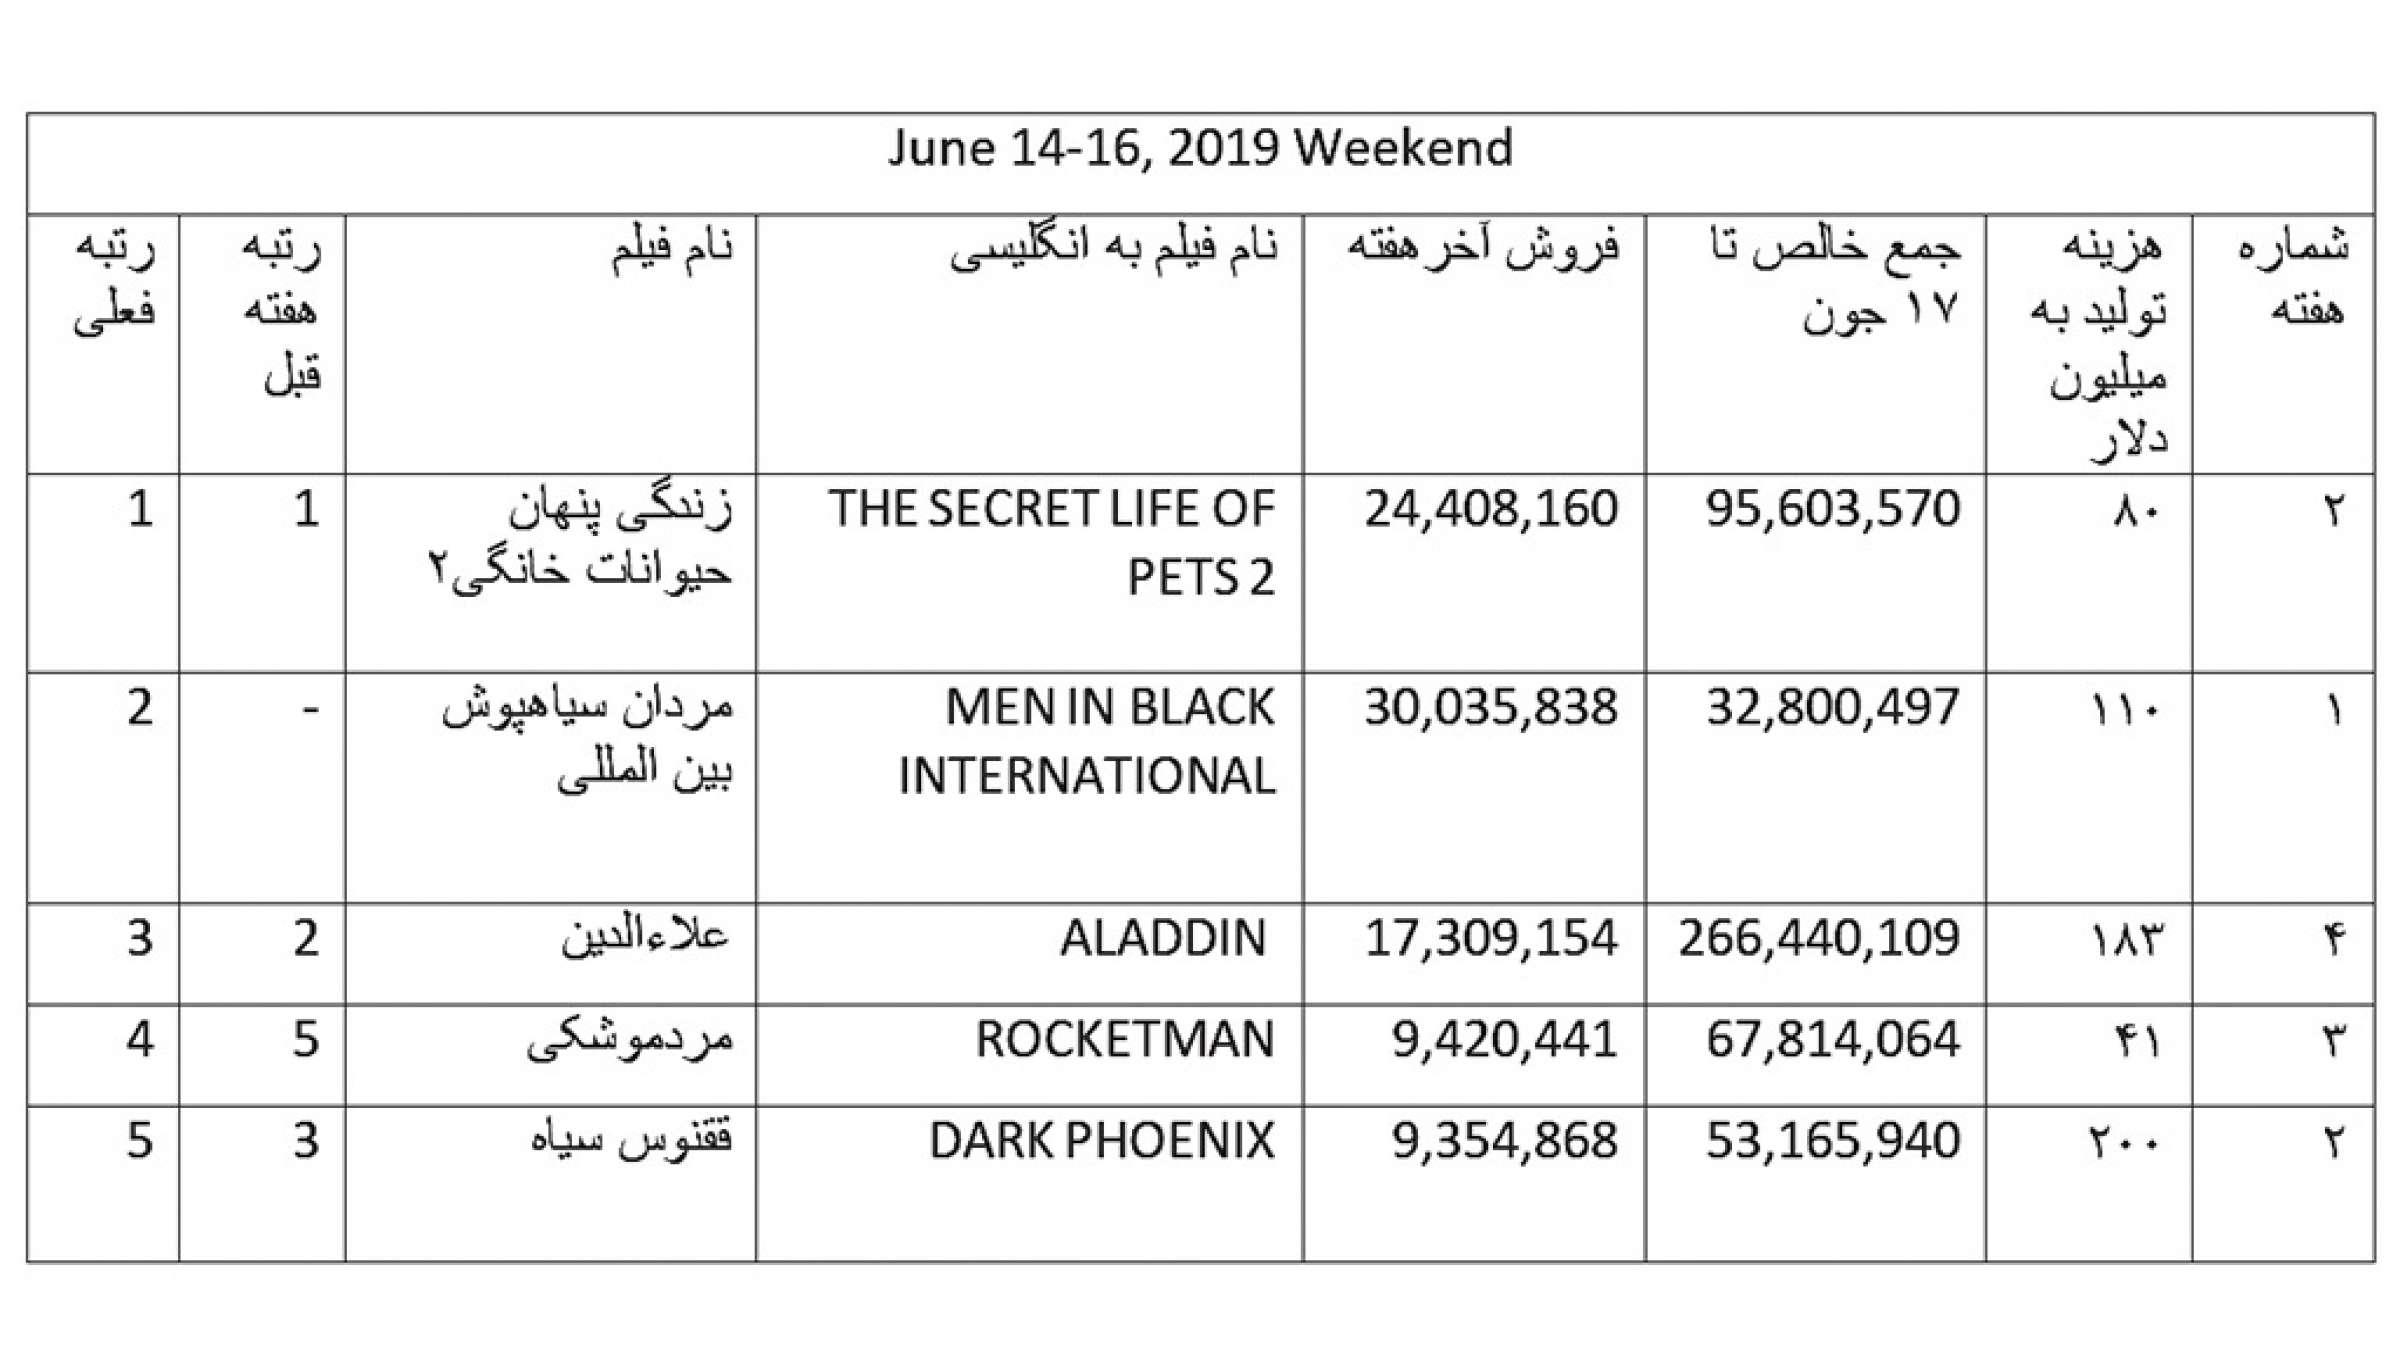 فروش-هفته-سوم-ماه-جون-2019-ناظمزاده-فیلم